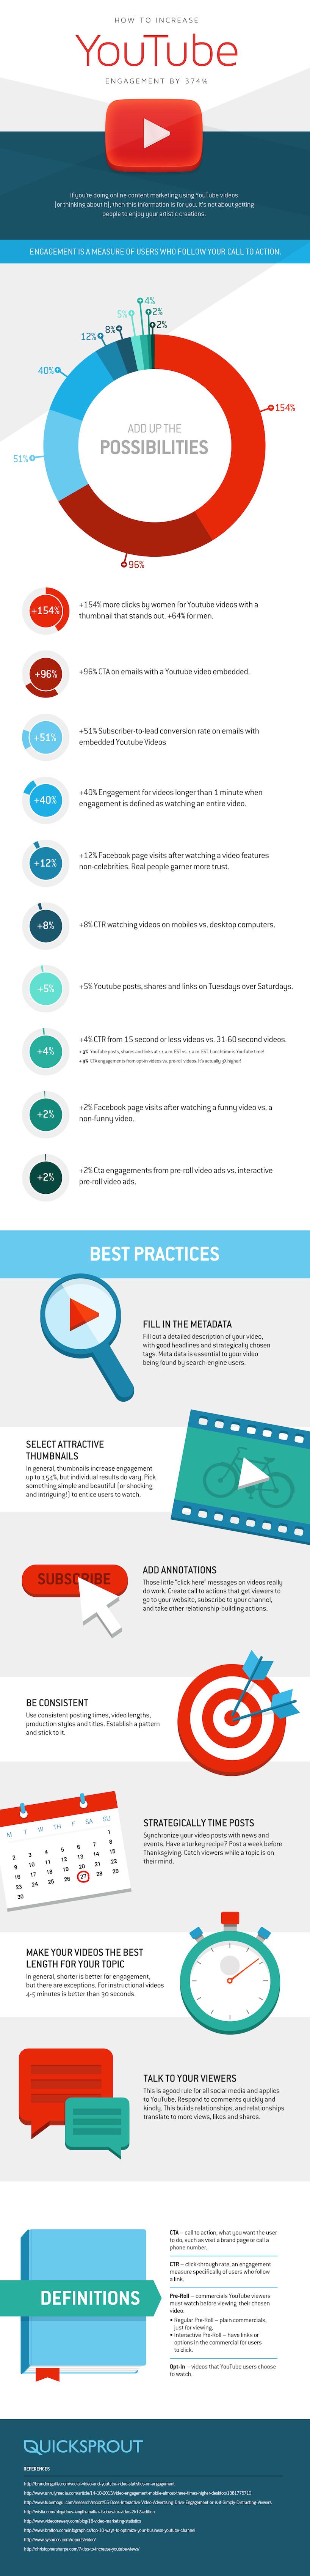 Cómo aumentar el engagement en Youtube – Infografía